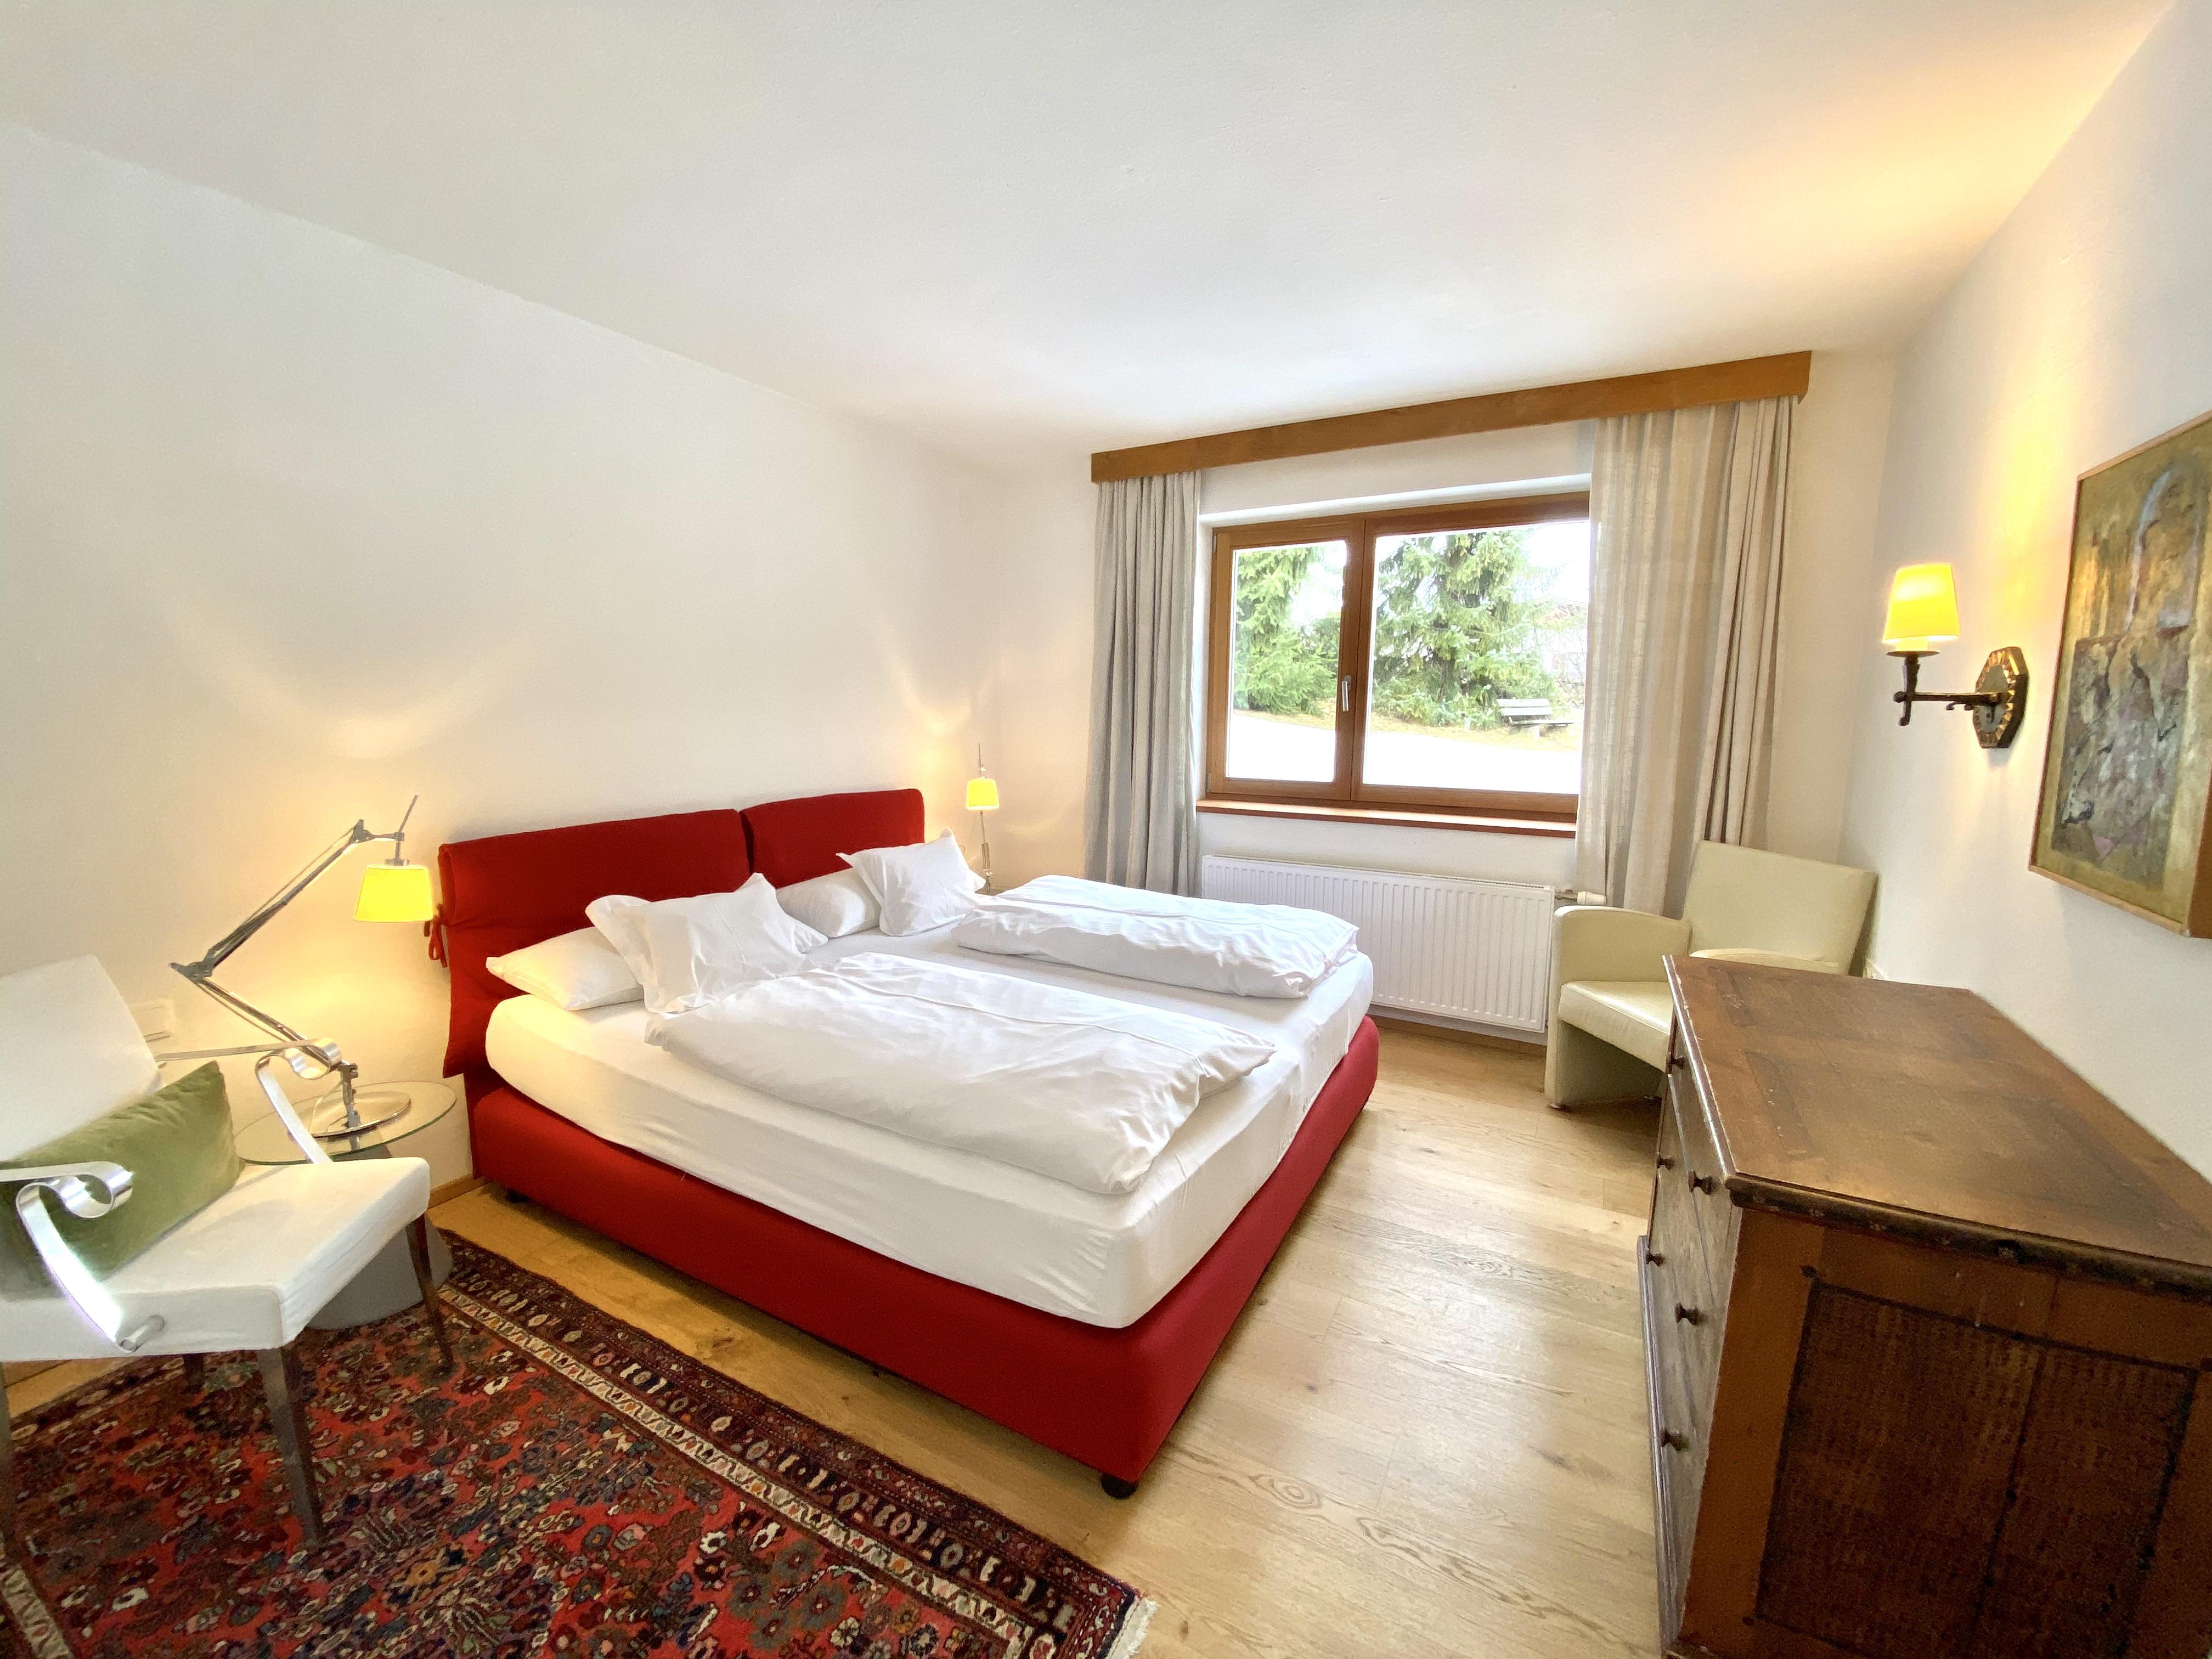 Gleinser Mader Schlafzimmer 2